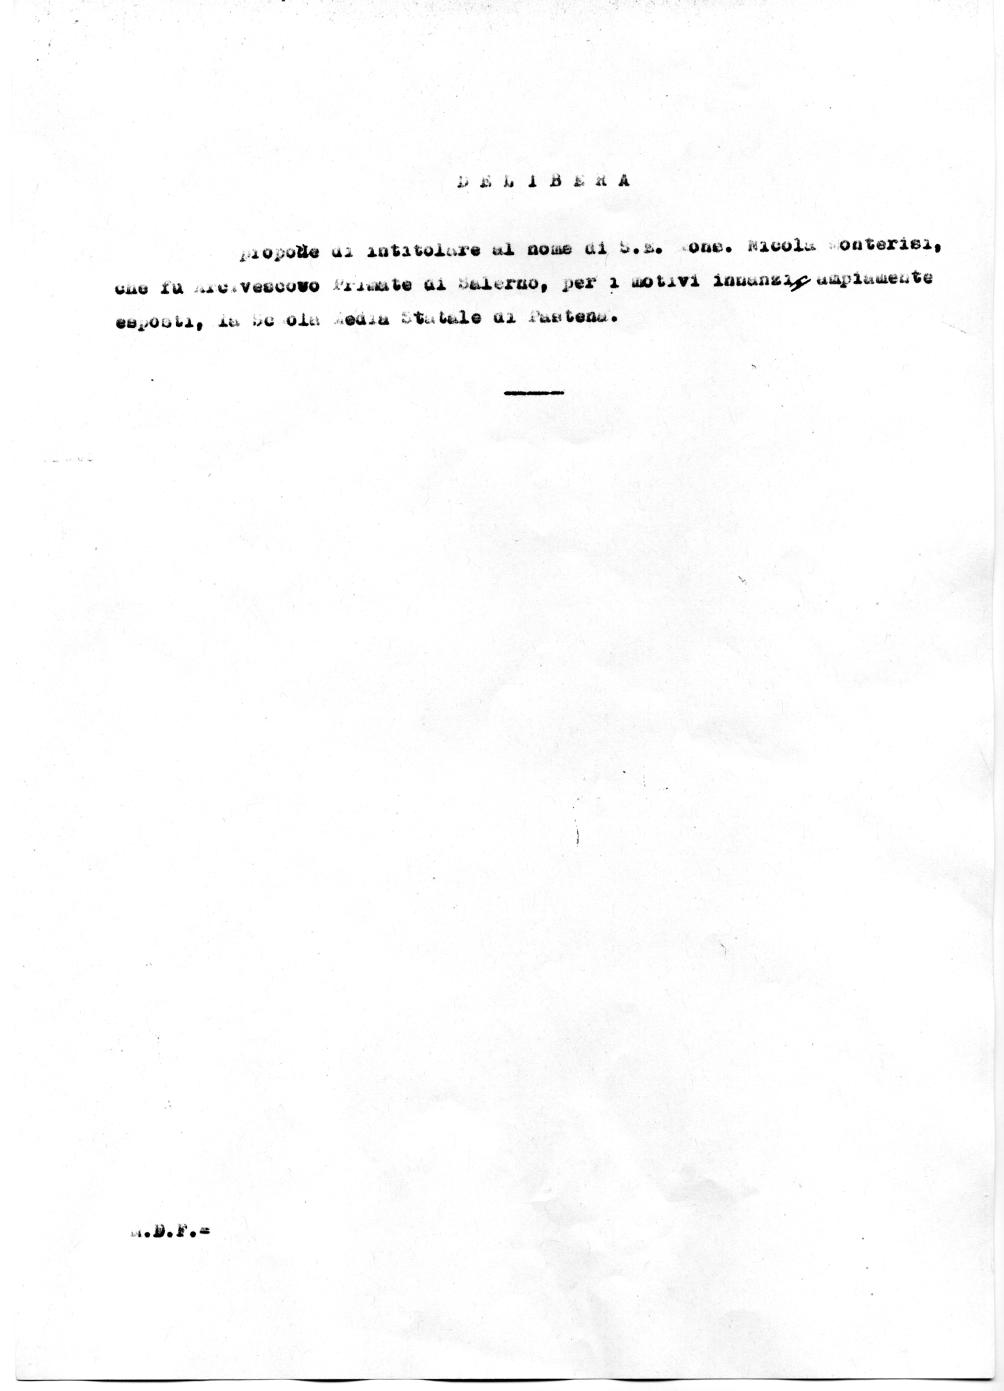 Delibera del Consiglio Comunale di Salerno del 23/03/1964 che propone l'intitolazione della Scuola Media Statale di Pastena al Mons. Nicola Monterisi (Archivio storico Comune di Salerno) 3